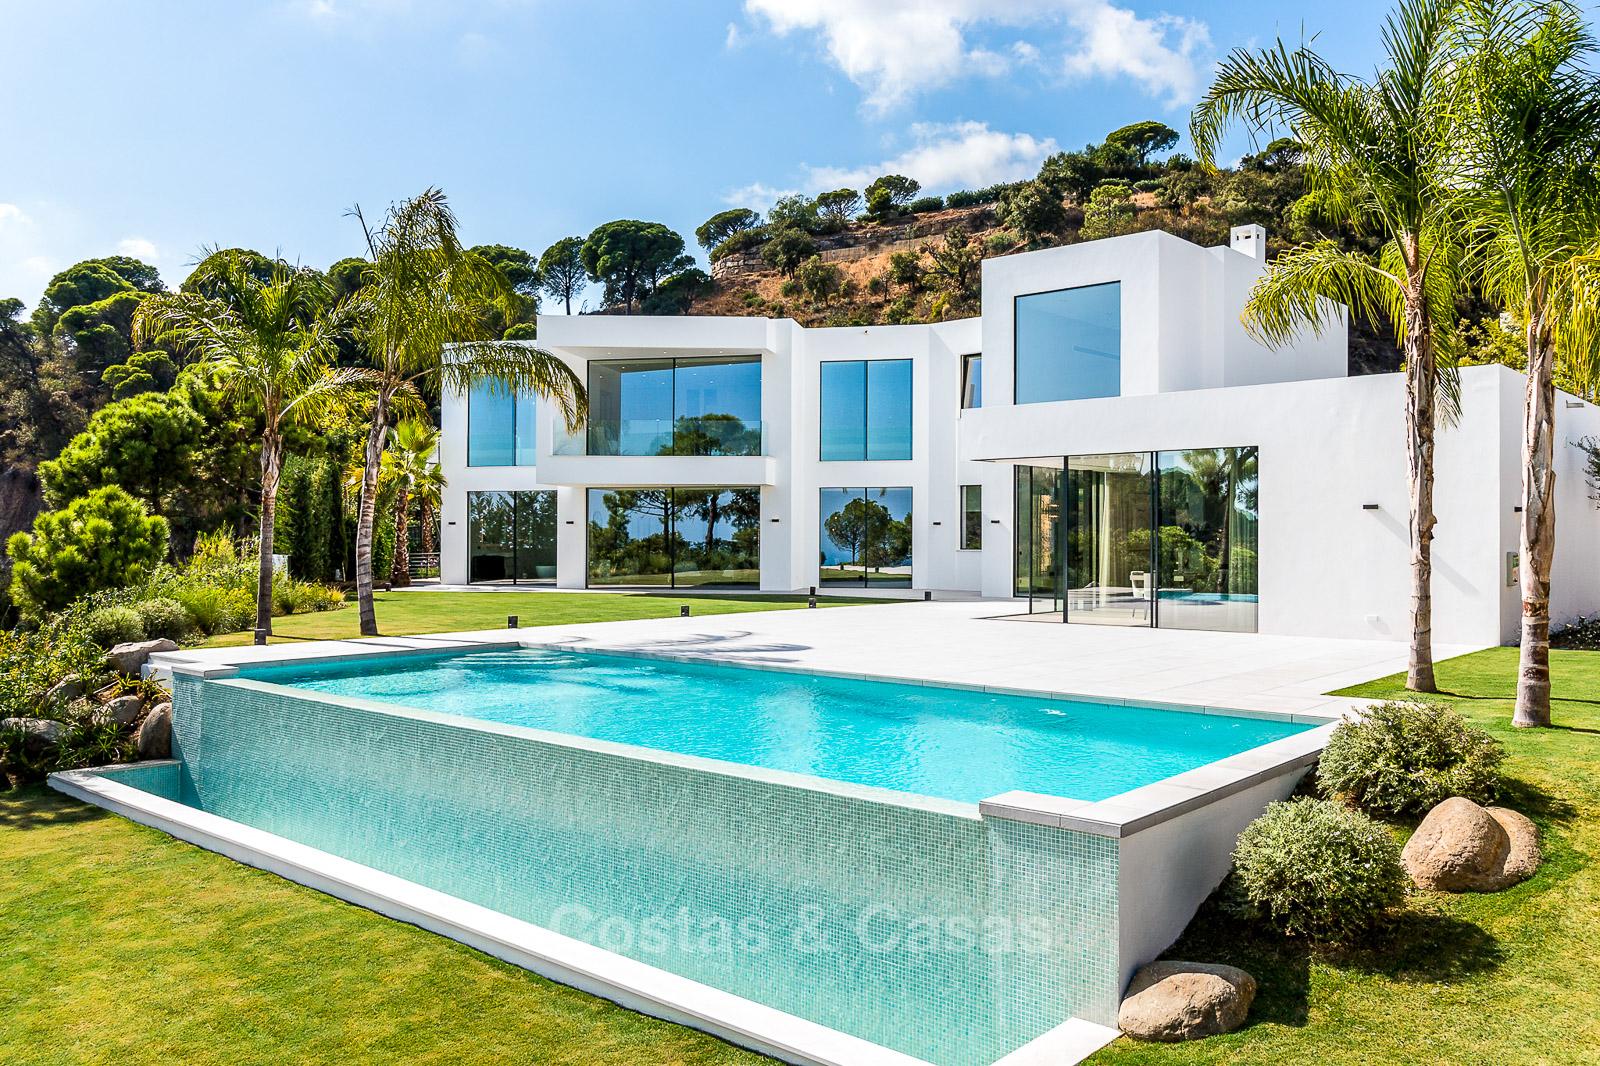 Nouvelle villa de luxe moderne élégante à vendre El Madronal ...